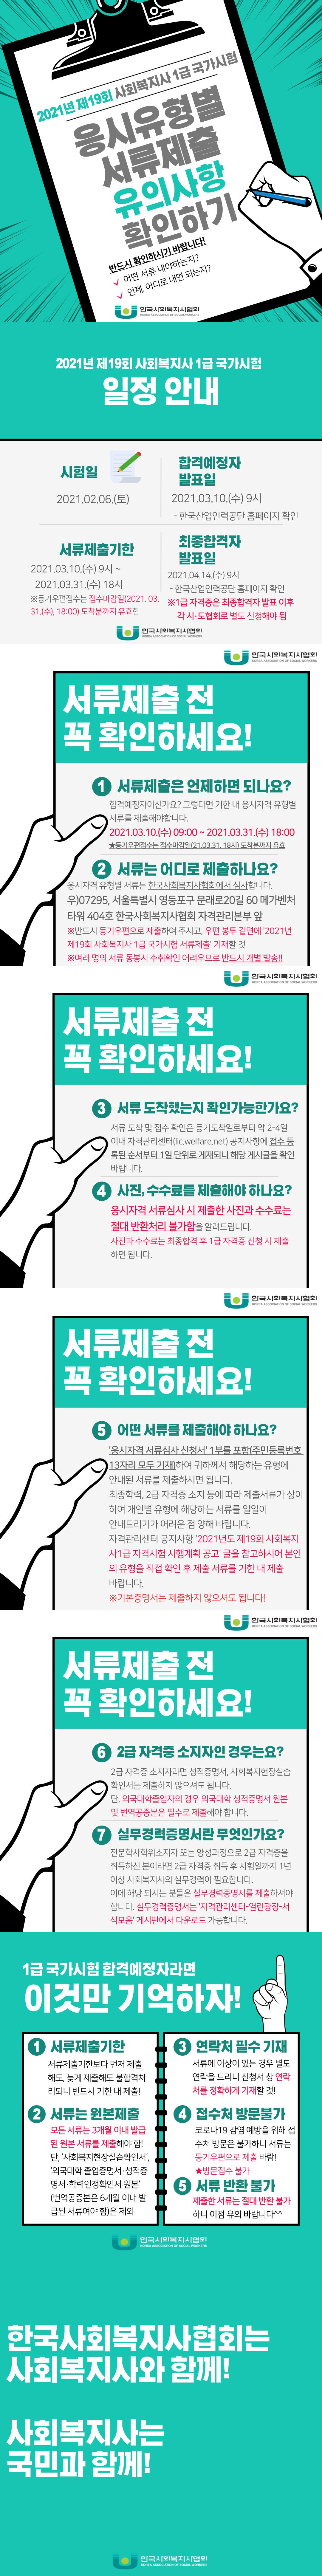 제19회-1급-응시서류제출-유의사항_210217.png